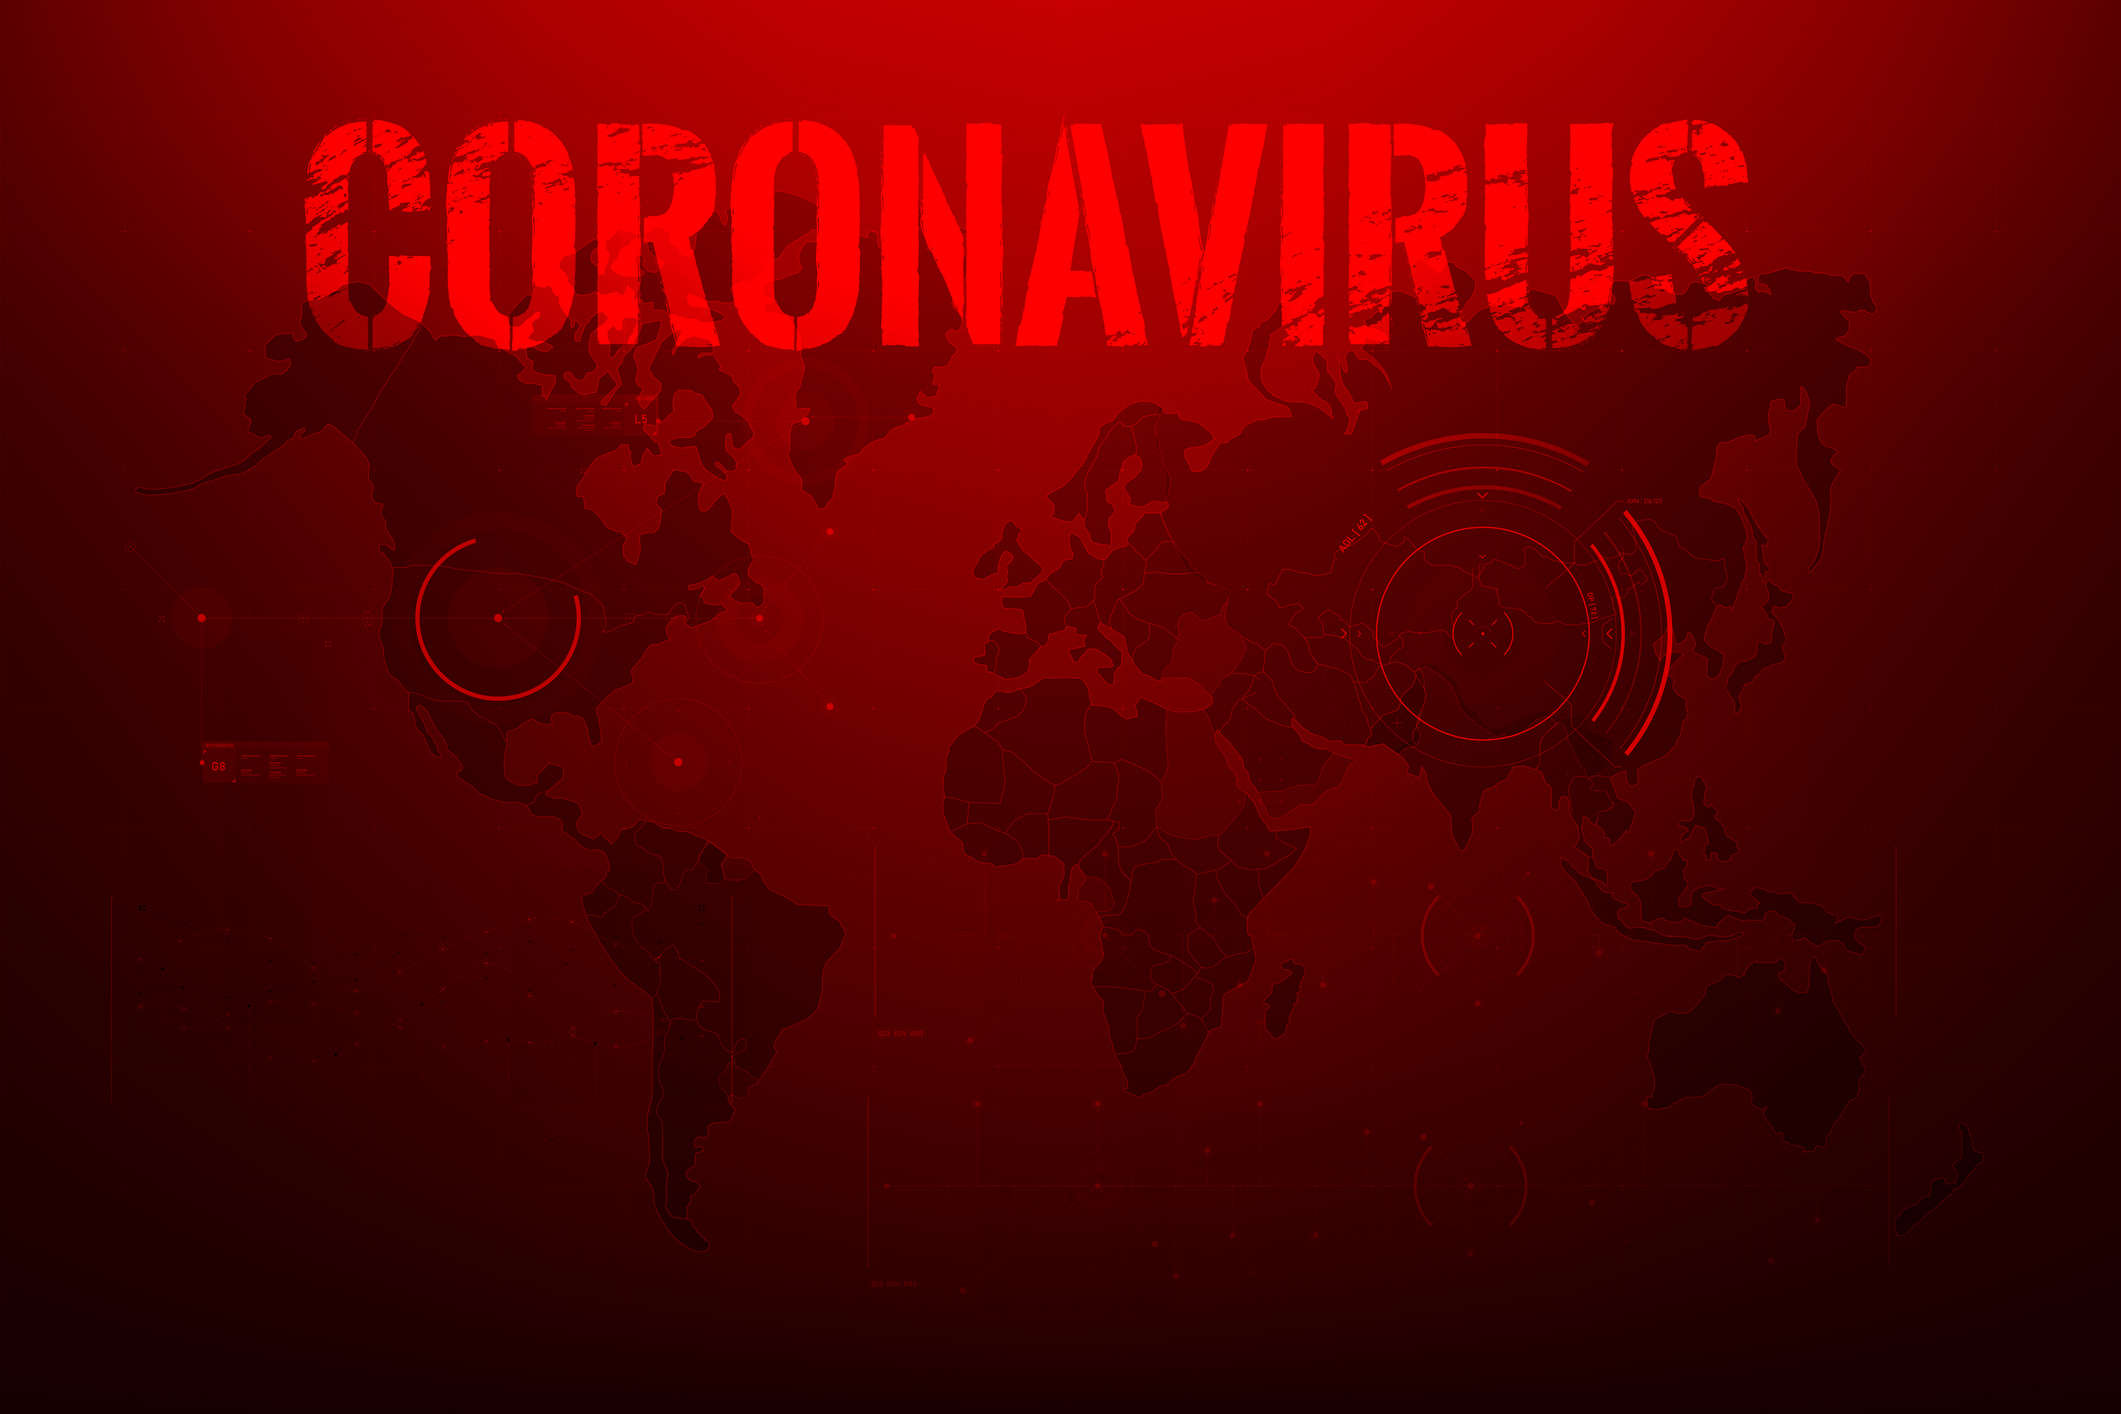 Is coronavirus a sars virus